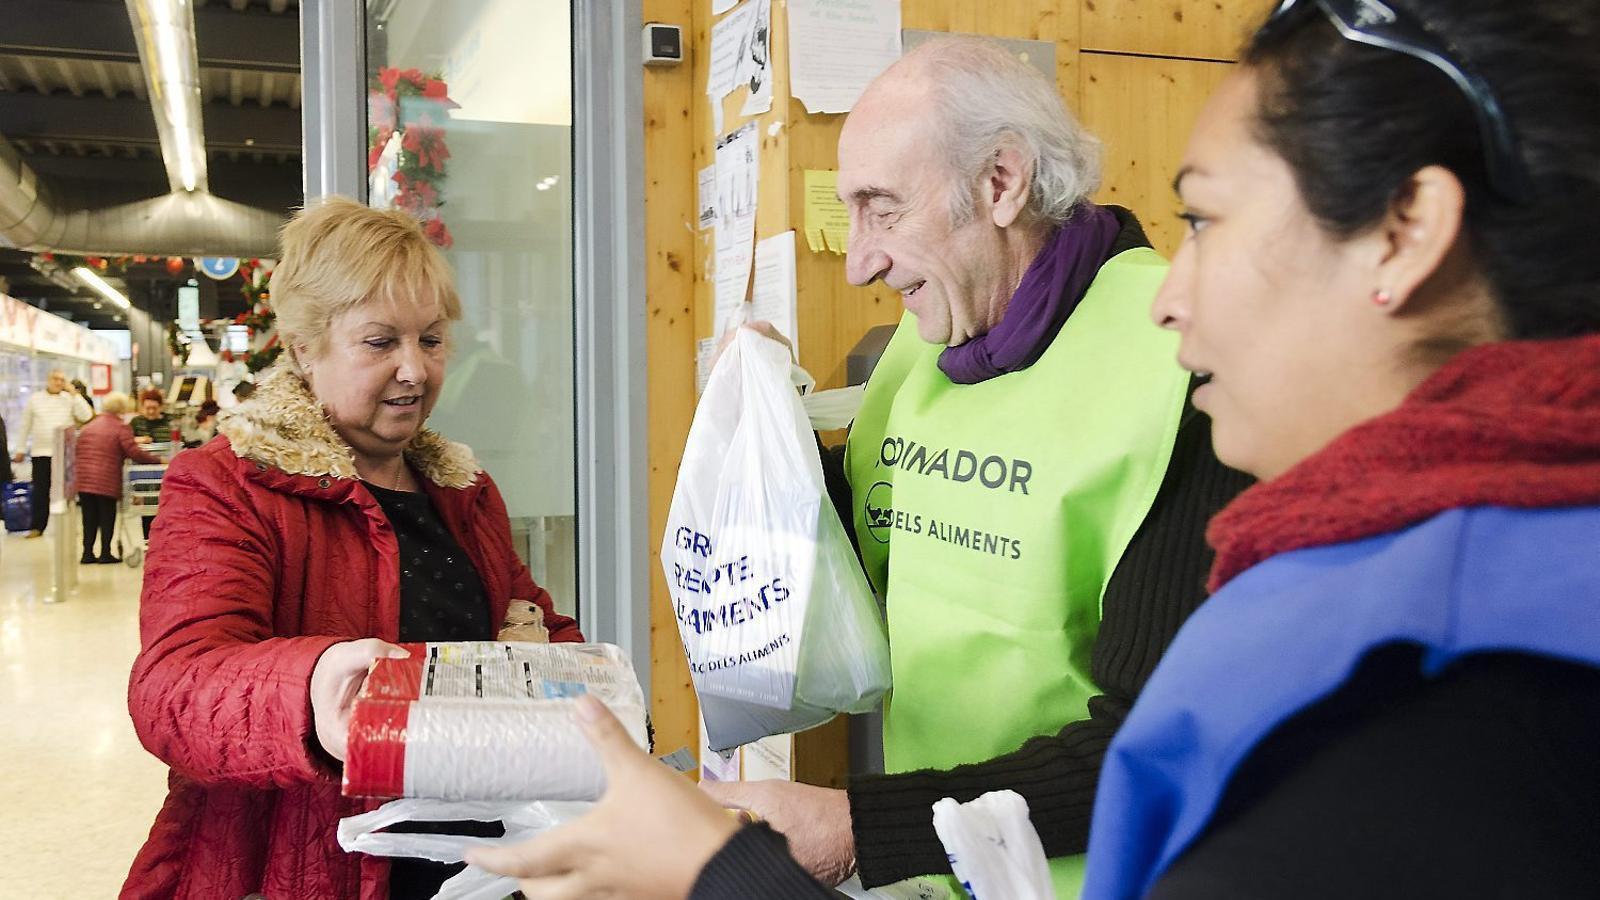 Un equip de voluntaris del Gran Recapte del Mercat de la Barceloneta coordinat per l'actor Carles Arquimbau convidava els clients a donar aliments de llarga durada.